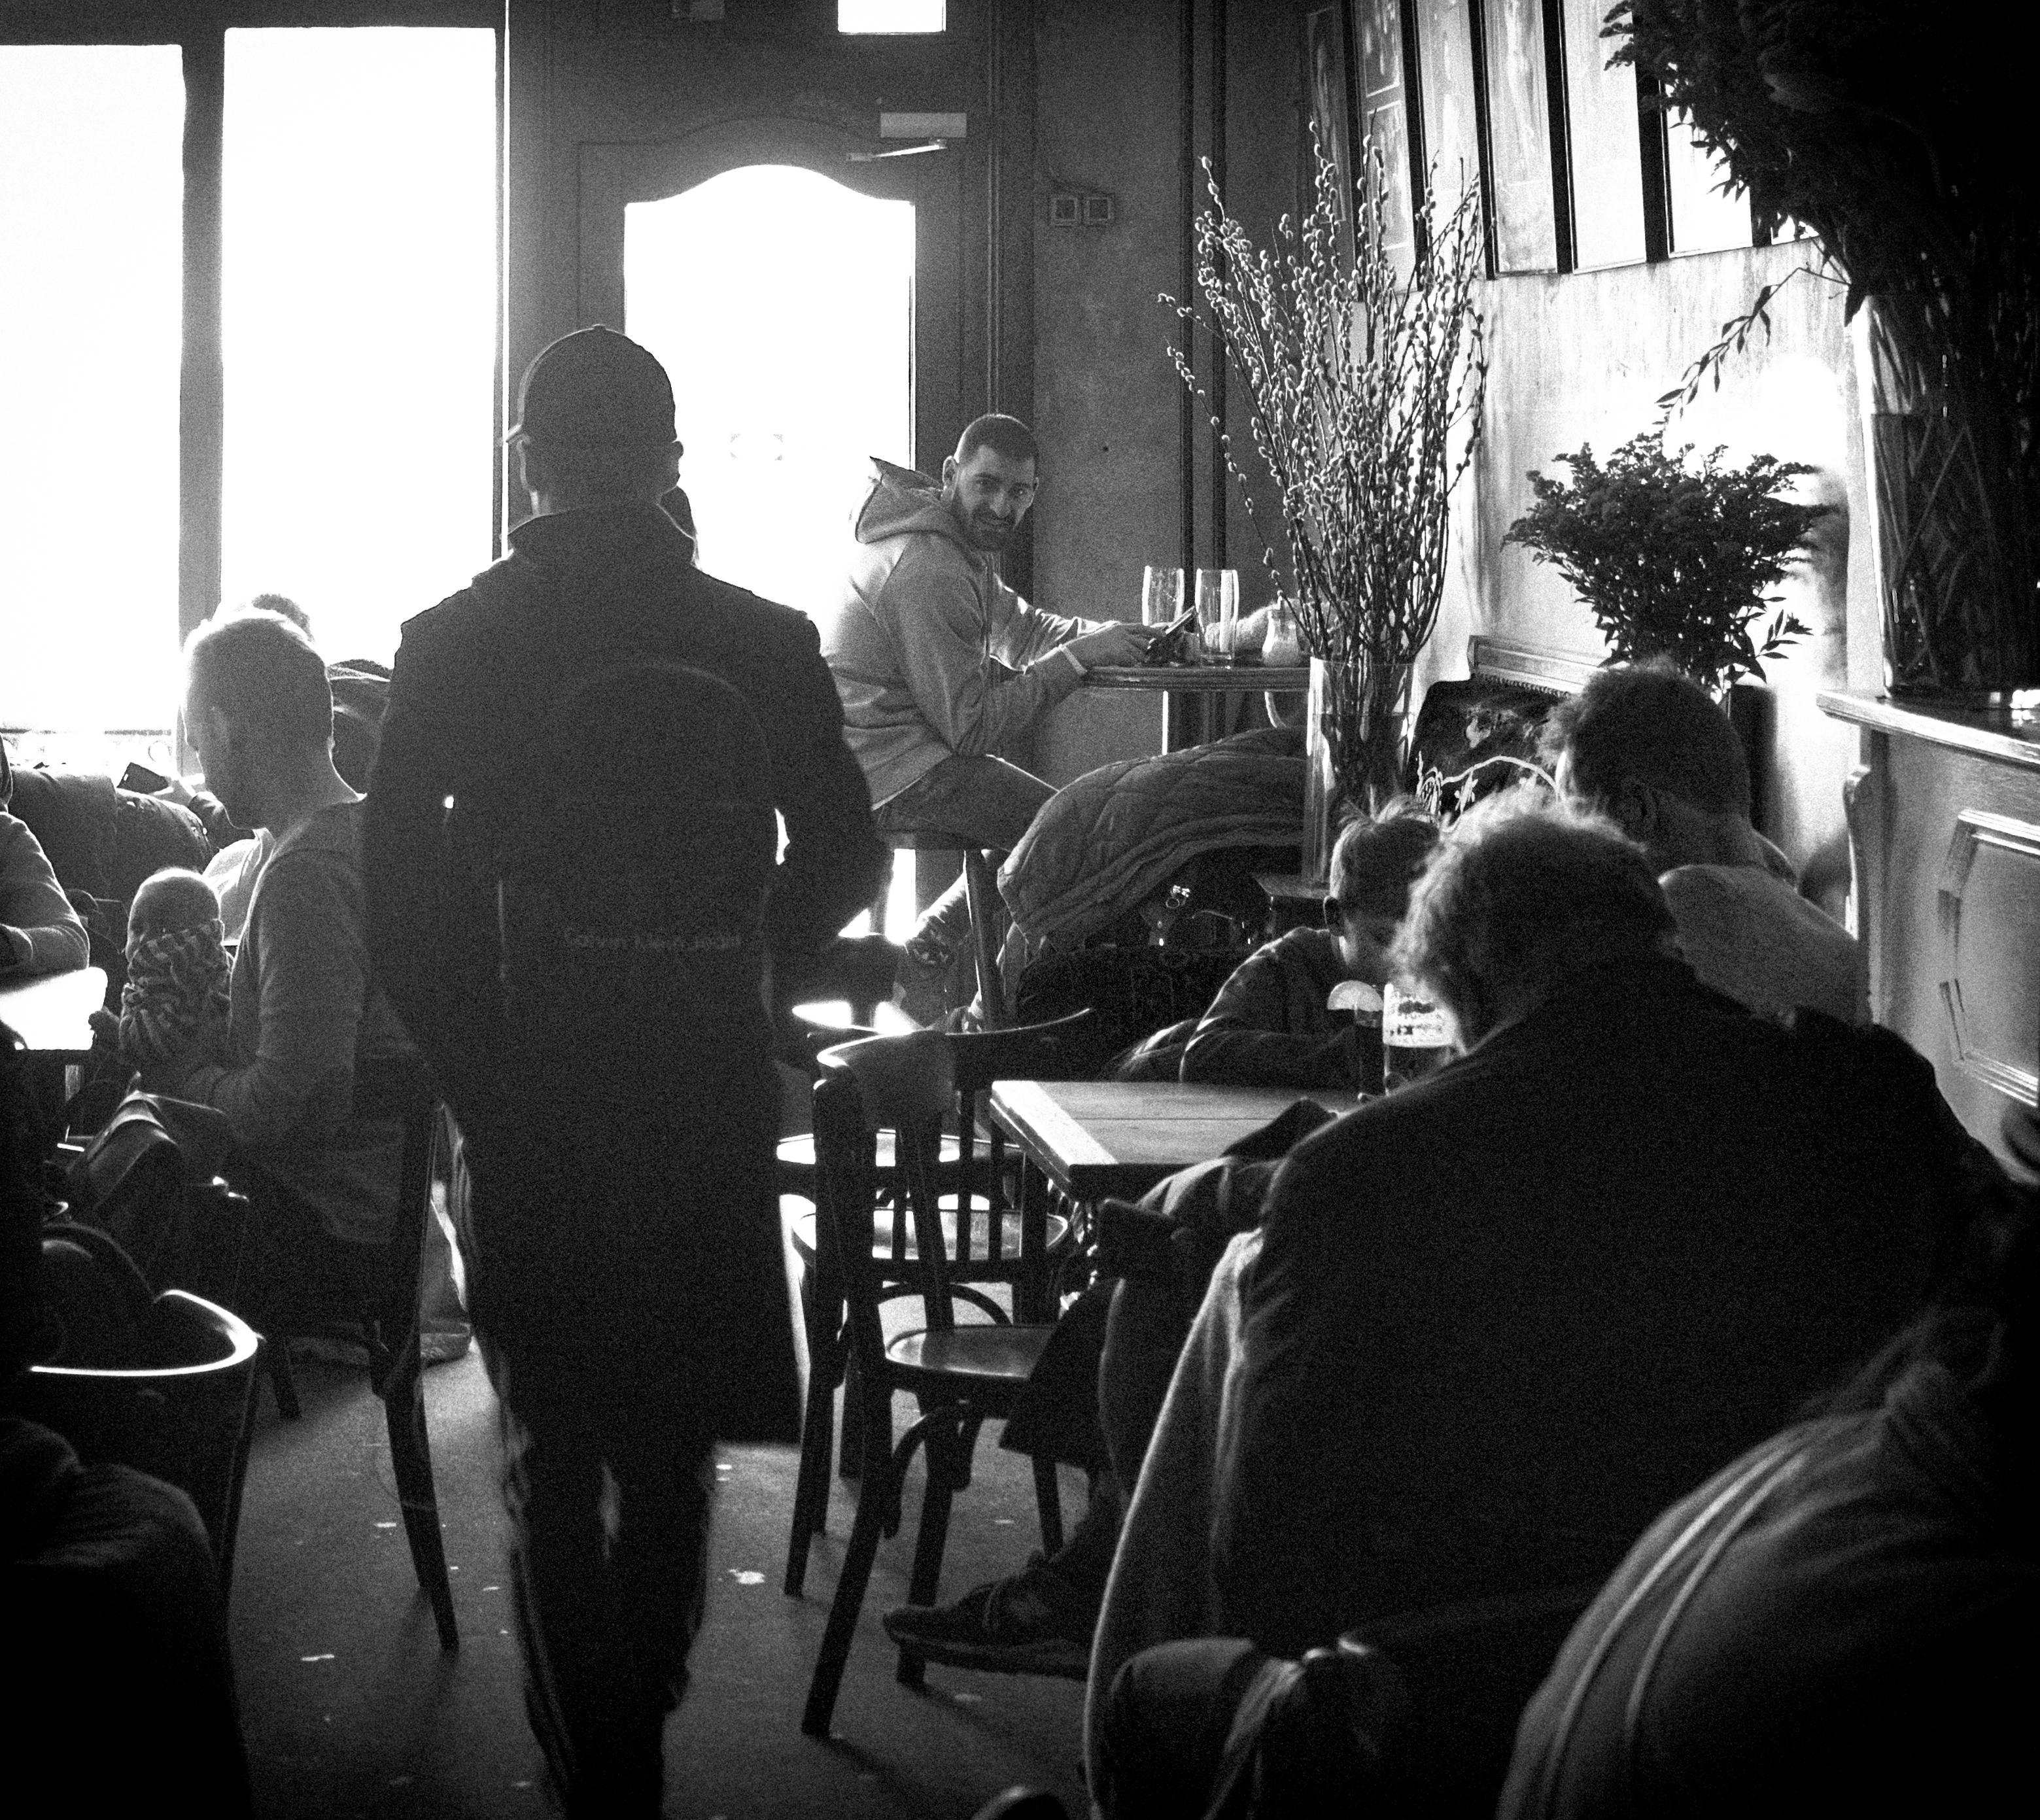 cinema café hackescher markt berlin Photography © Bülent Musdu